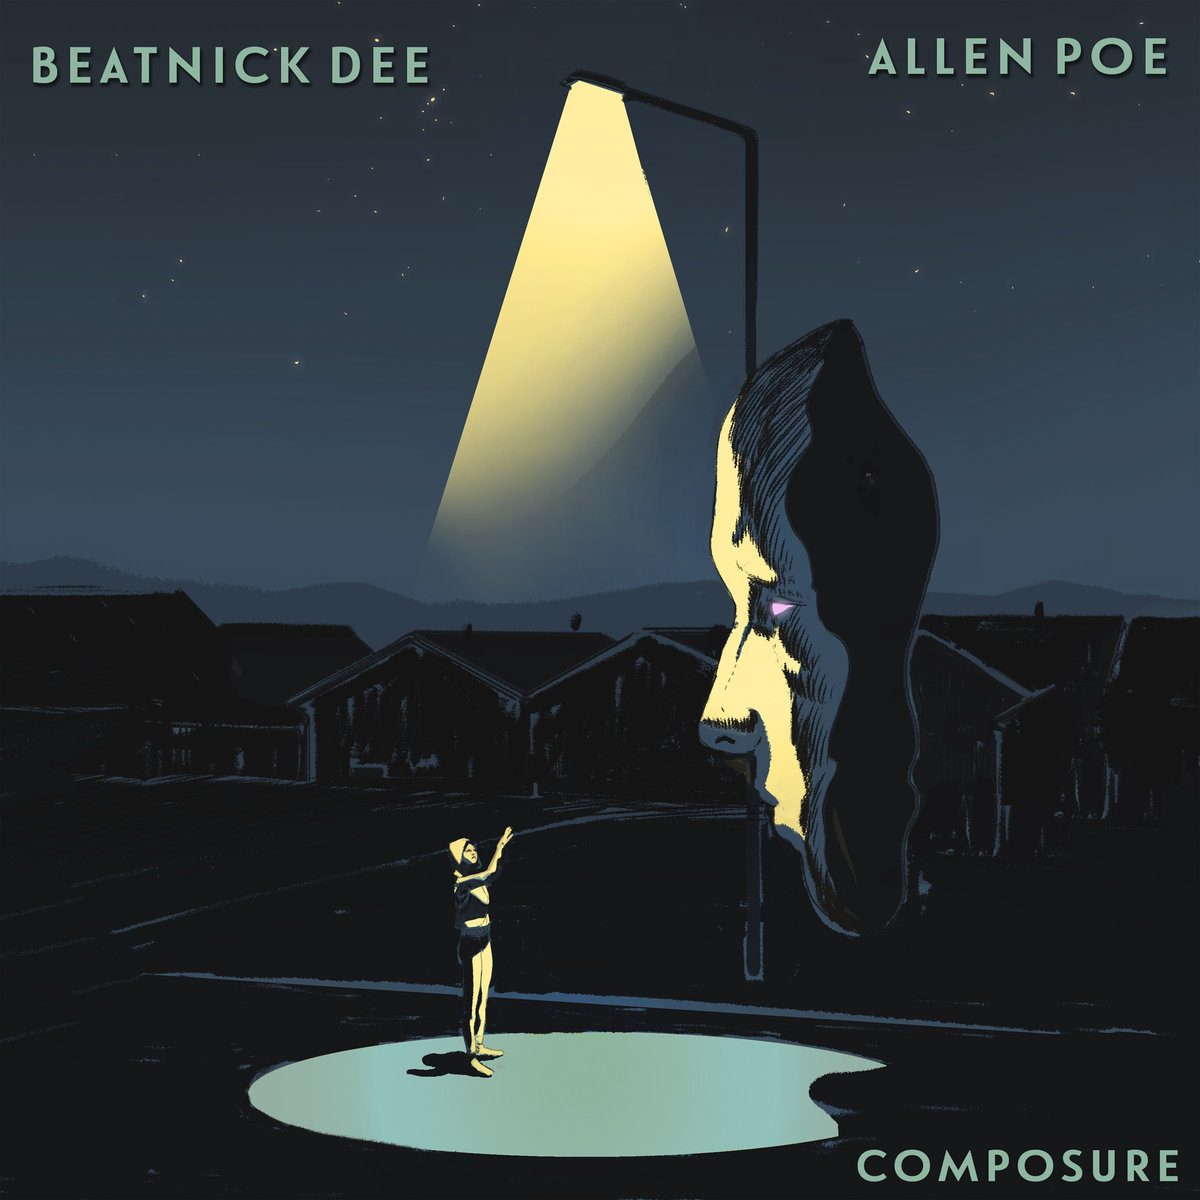 Beatnick_dee___allen_poe_presentan__composure_